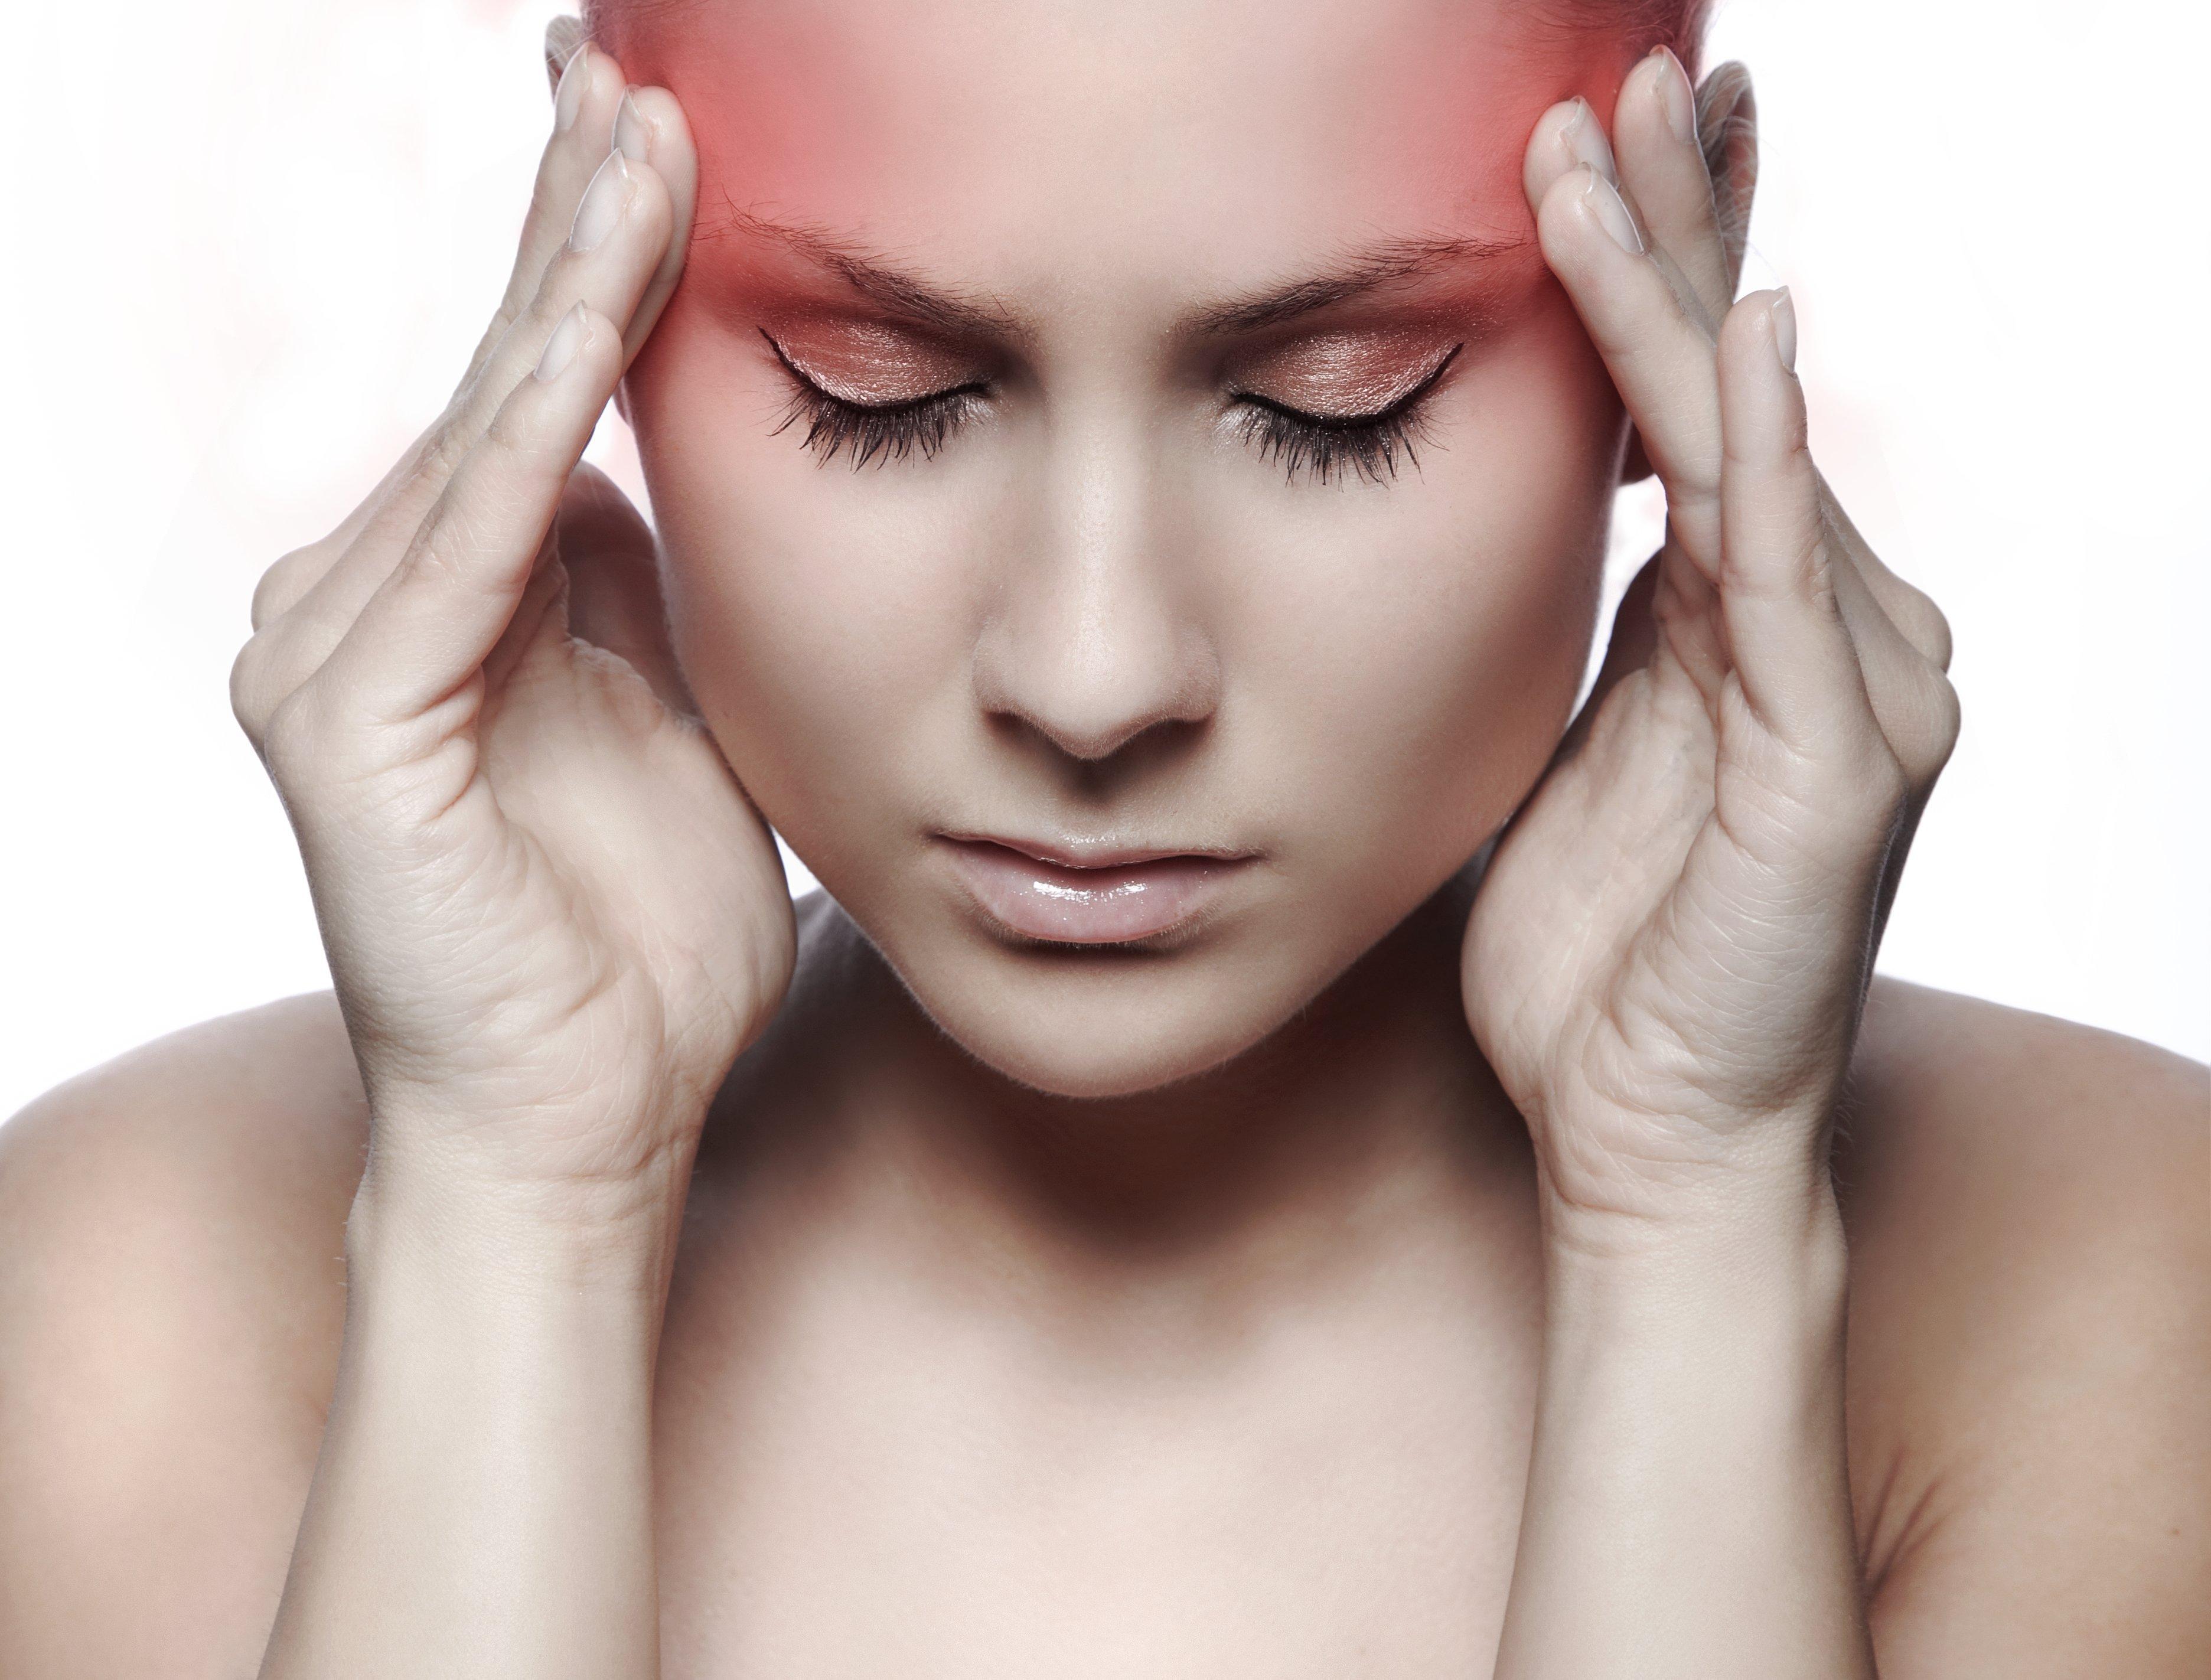 Ψυχοσωματικά συμπτώματα